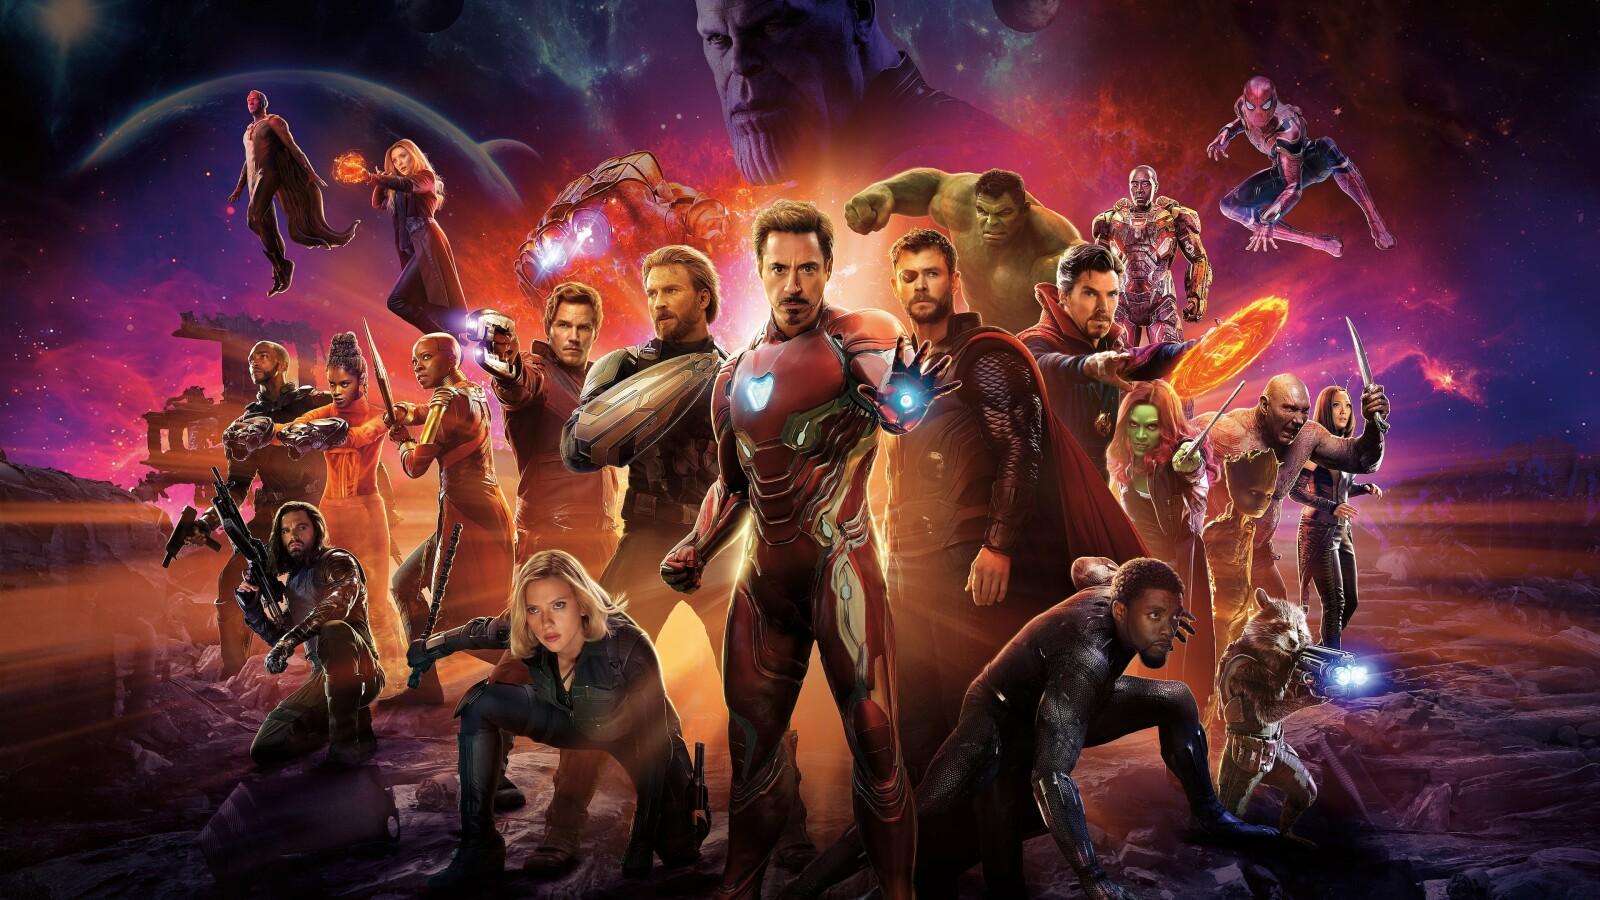 Reihenfolge Marvelfilme